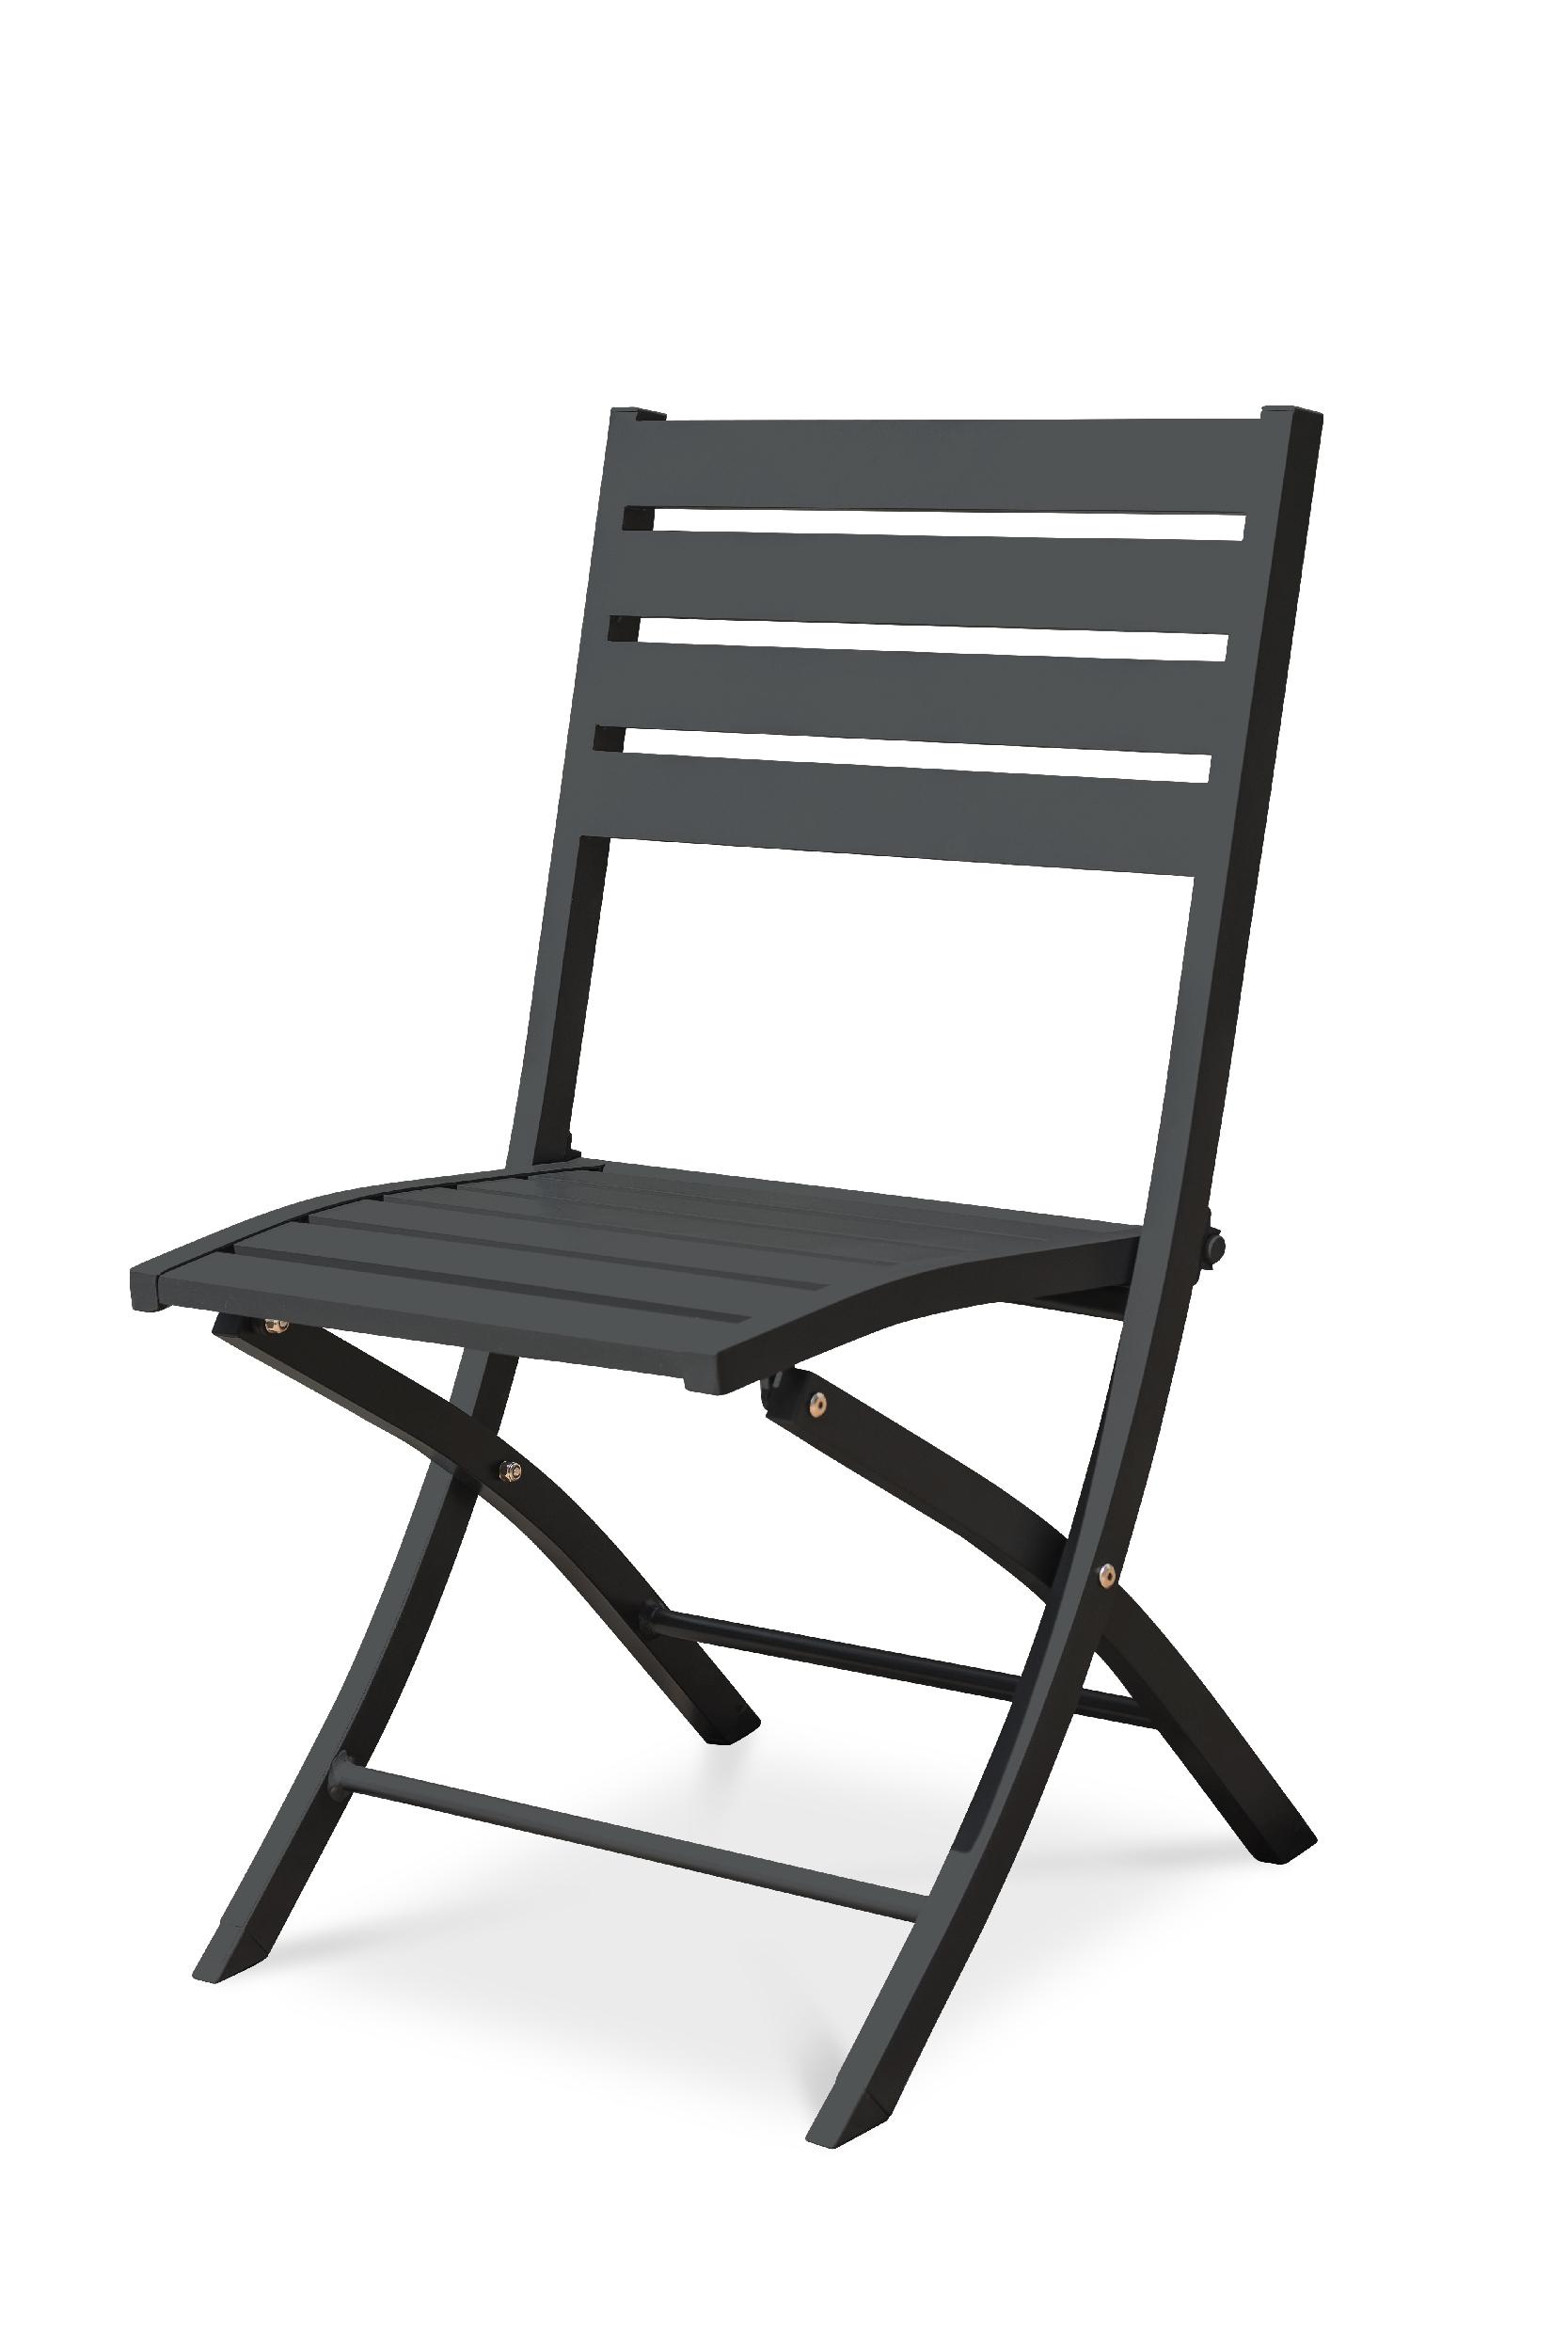 Chaise de jardin pliante en aluminium gris anthracite